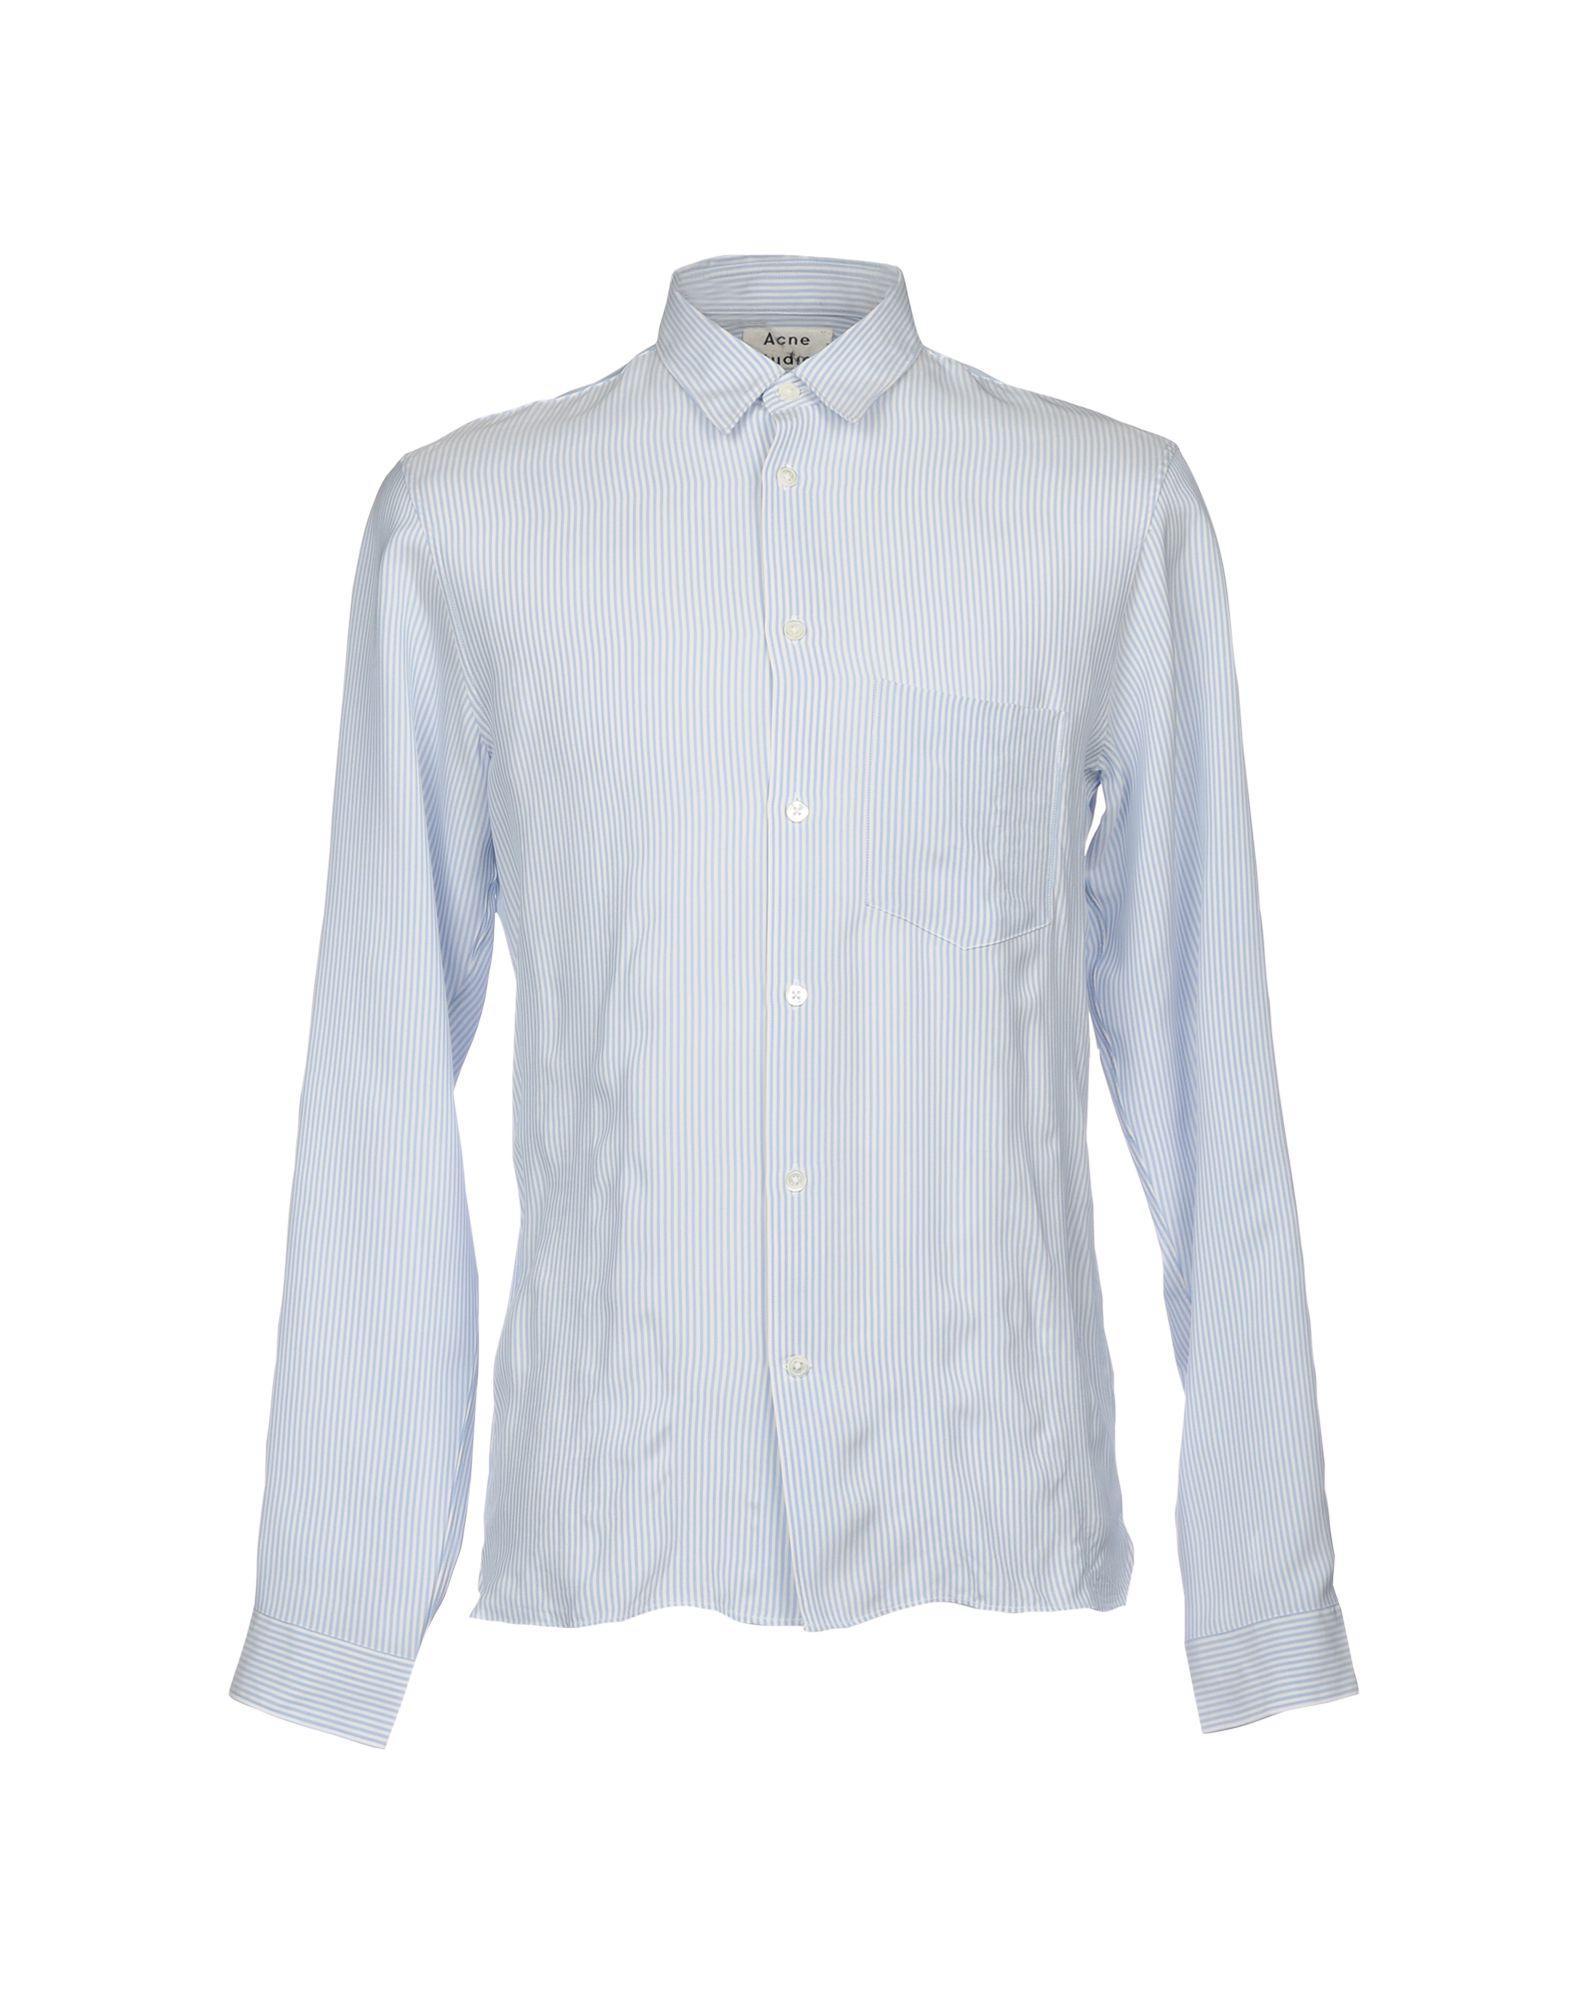 Camicia A Righe Acne Studios Uomo - Acquista online su